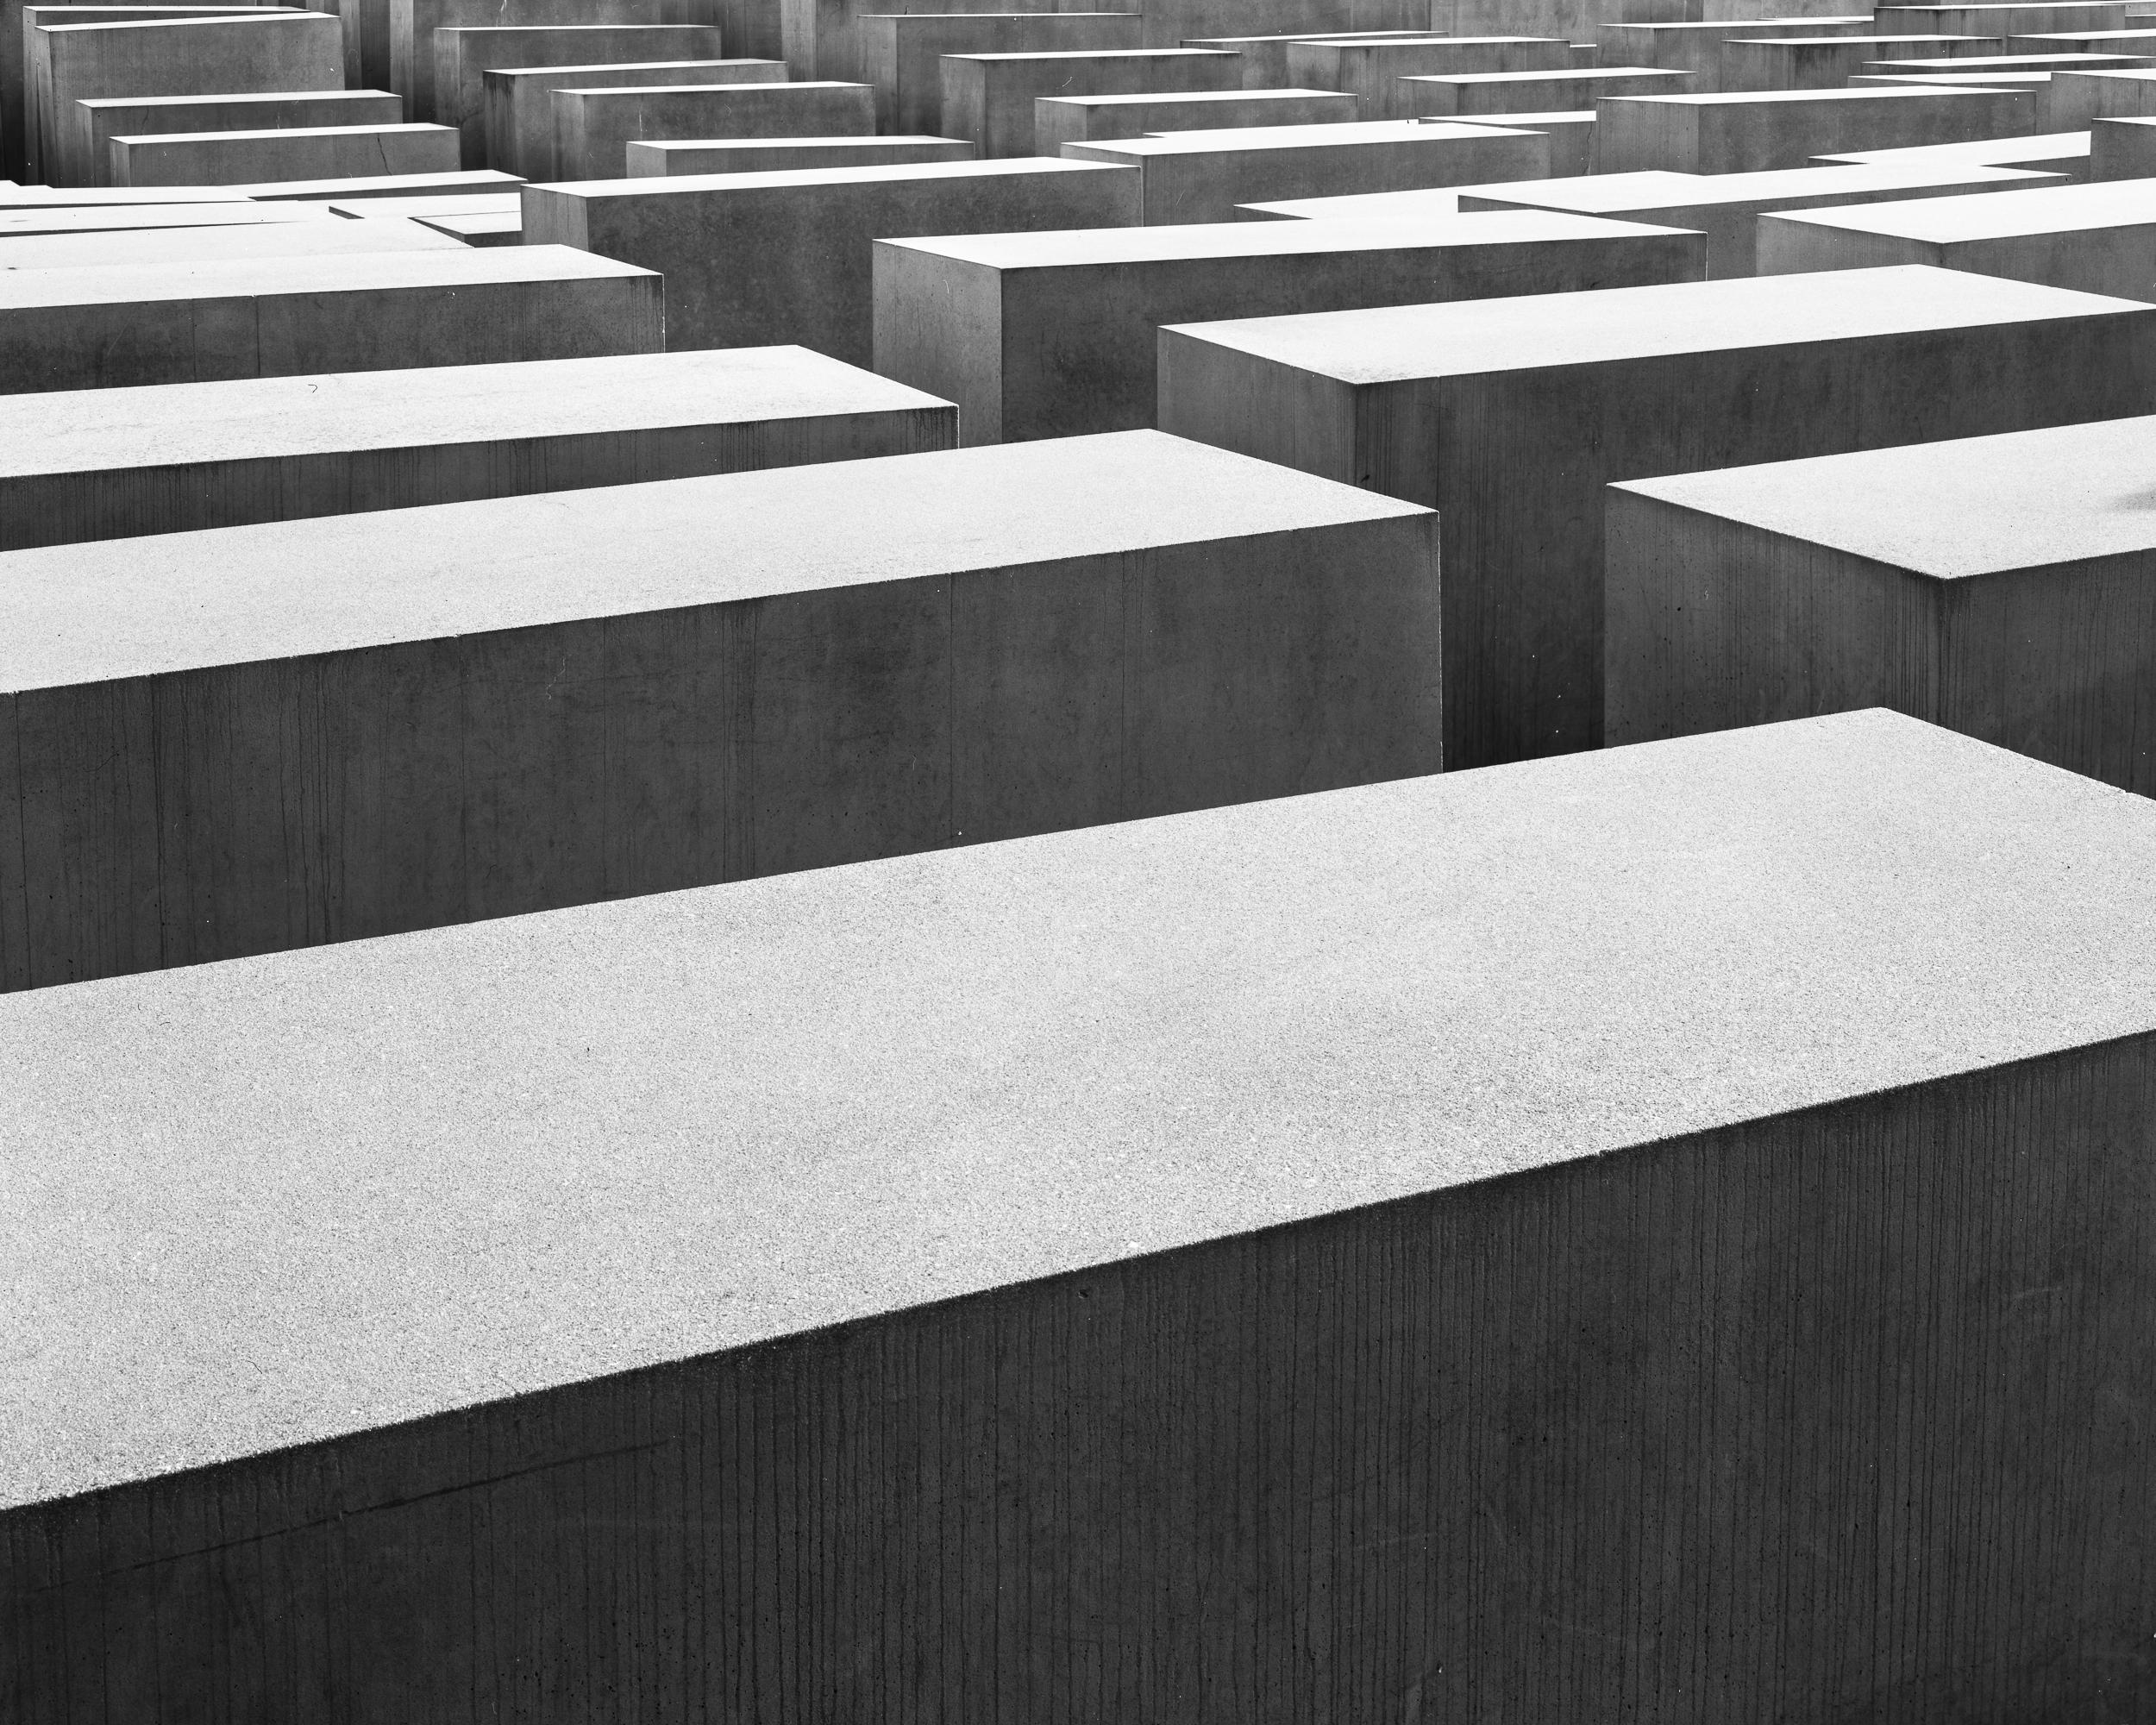 Holocaust Memorial, Berlin-Holocaust Monument Berli004-©Bjørn Joachimsen.jpg